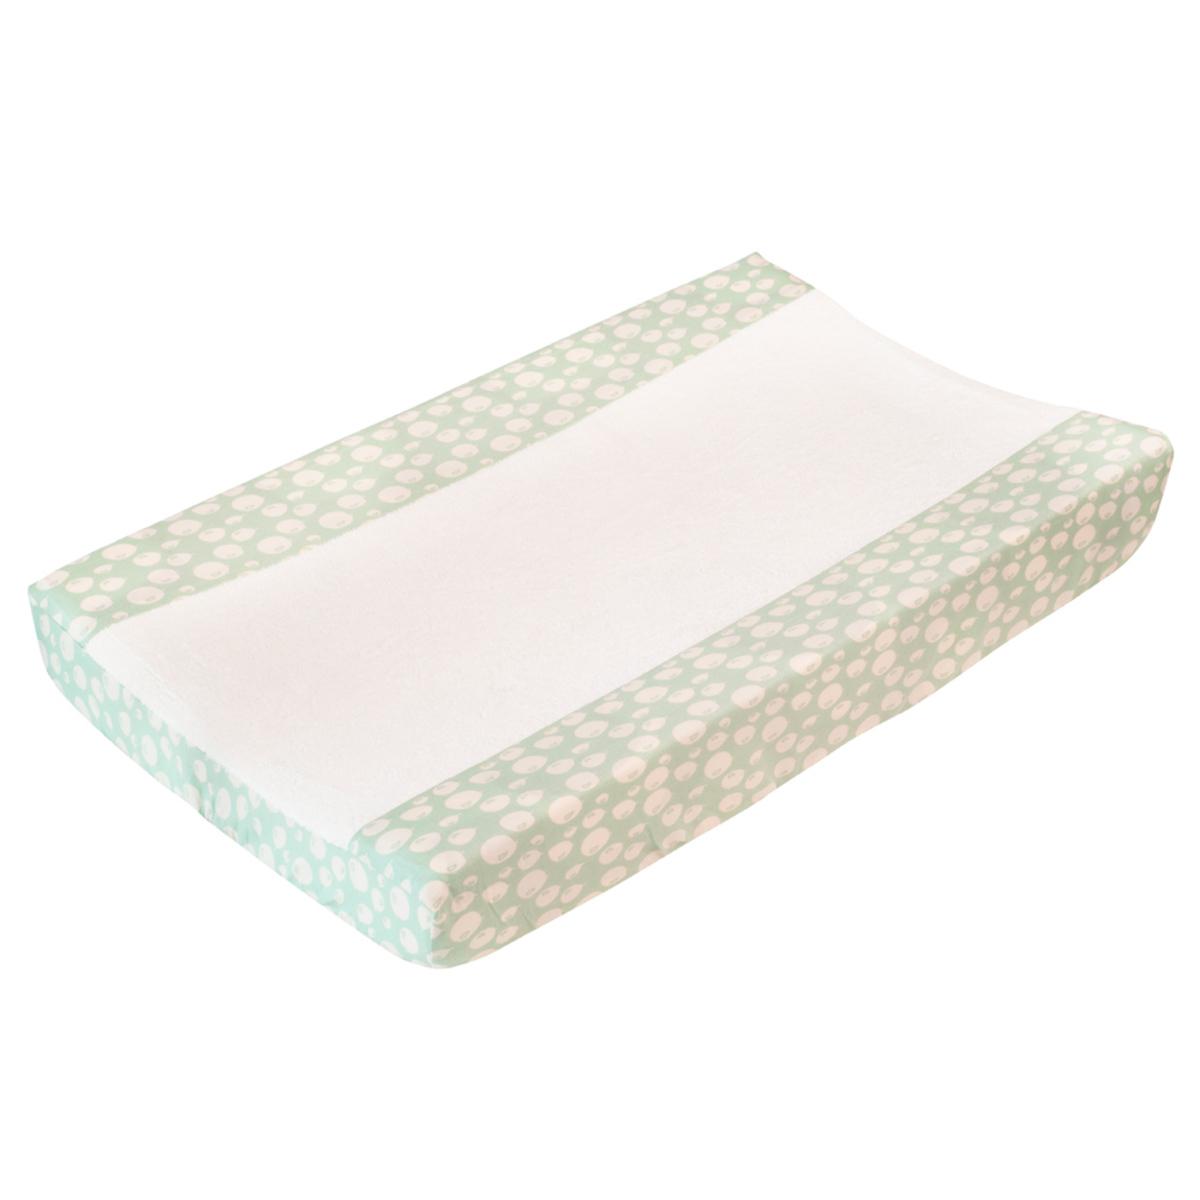 trixie baby housse de matelas langer balloon turquoise taille l matelas et housse. Black Bedroom Furniture Sets. Home Design Ideas